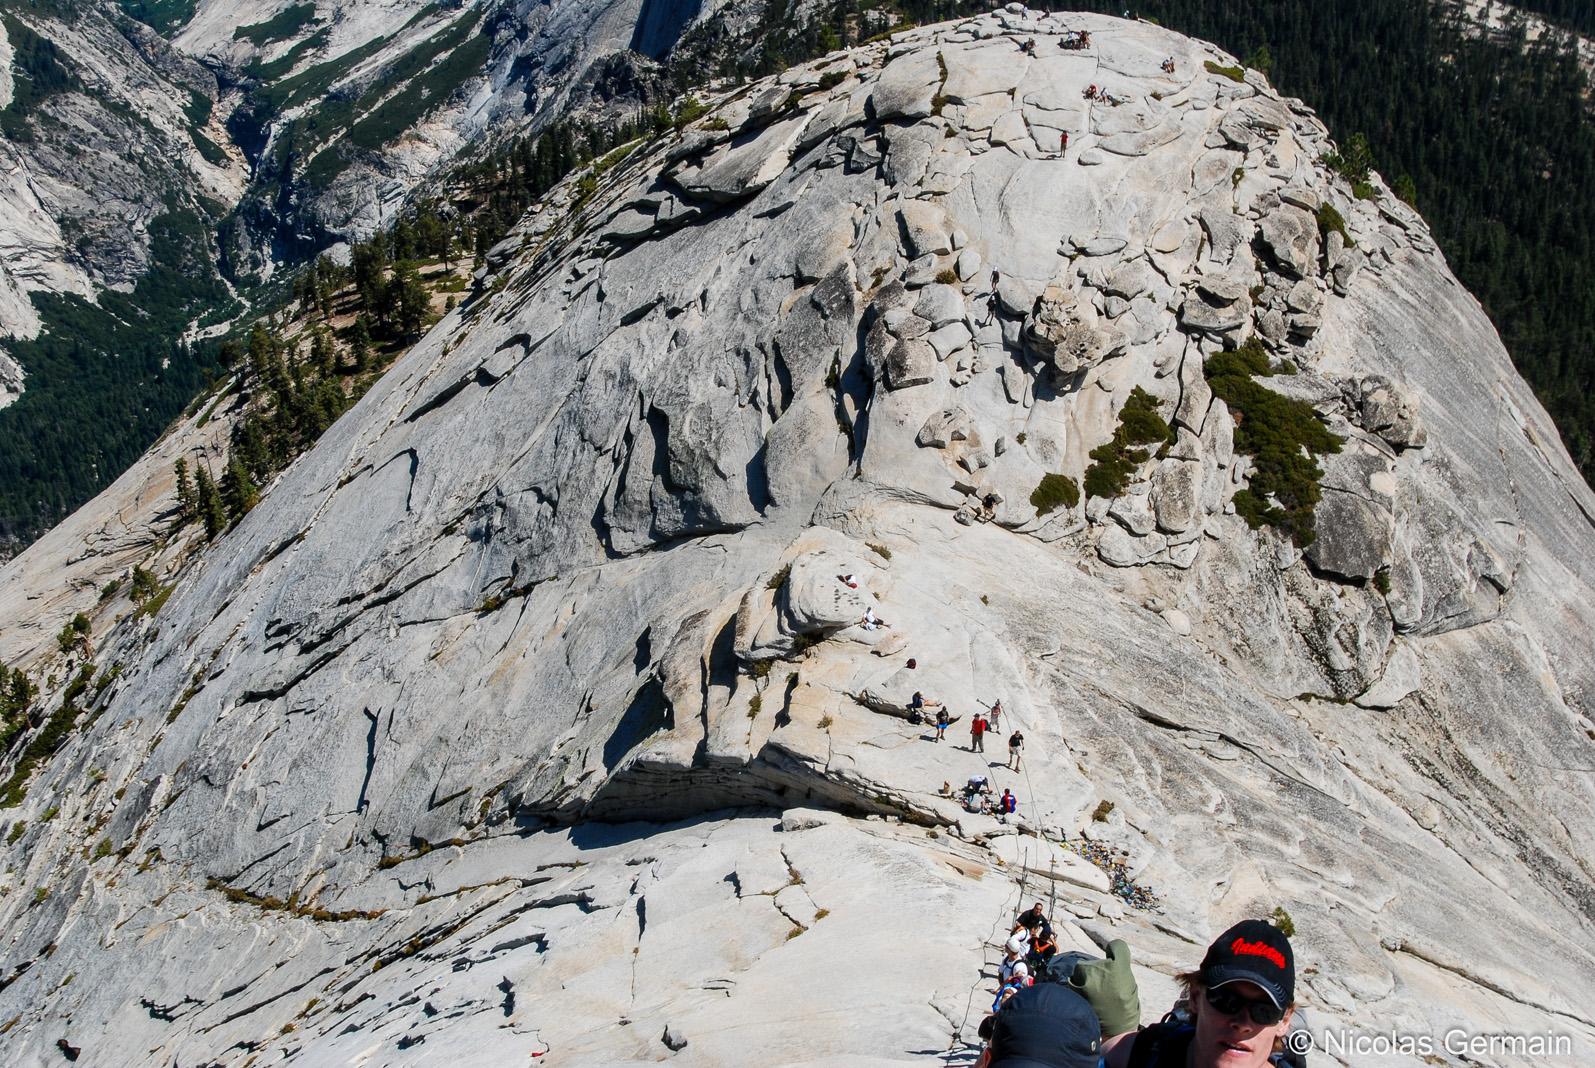 Vue vertigineuse du contrebas prise lors de la montée vers le sommet du Half Dome